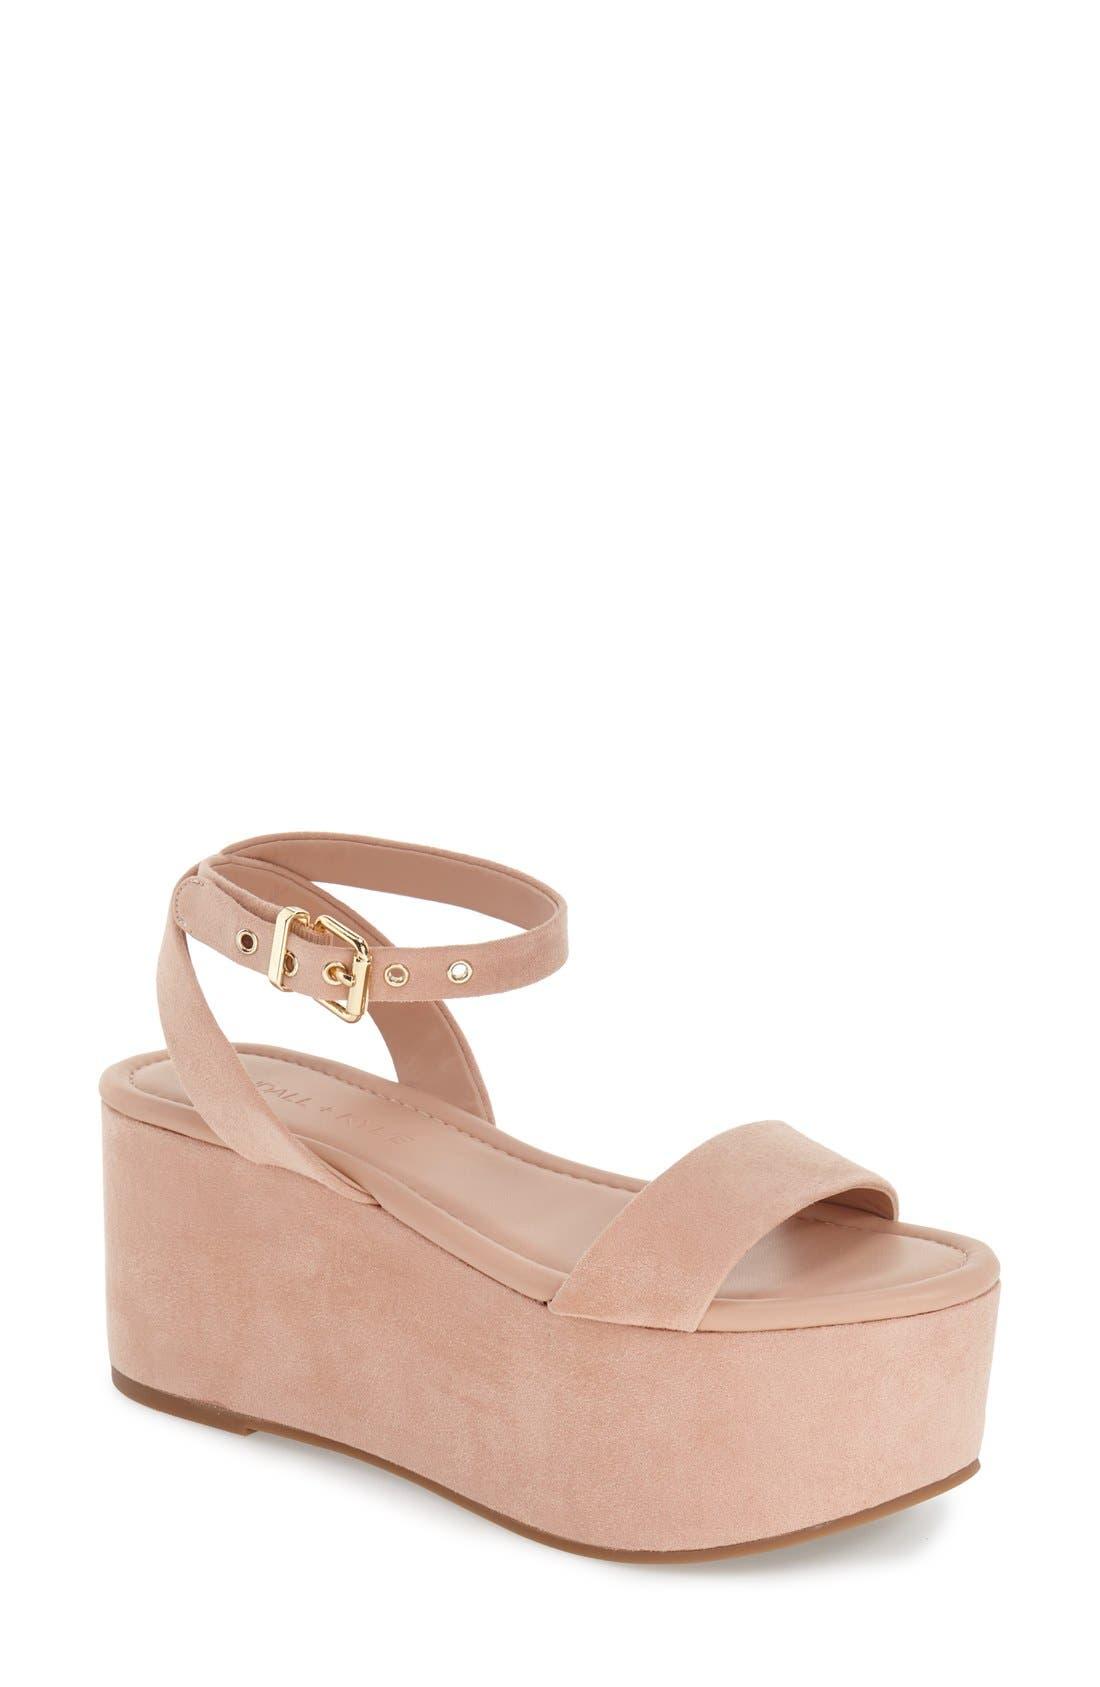 'Demi' Platform Sandal,                             Main thumbnail 1, color,                             Blush Suede